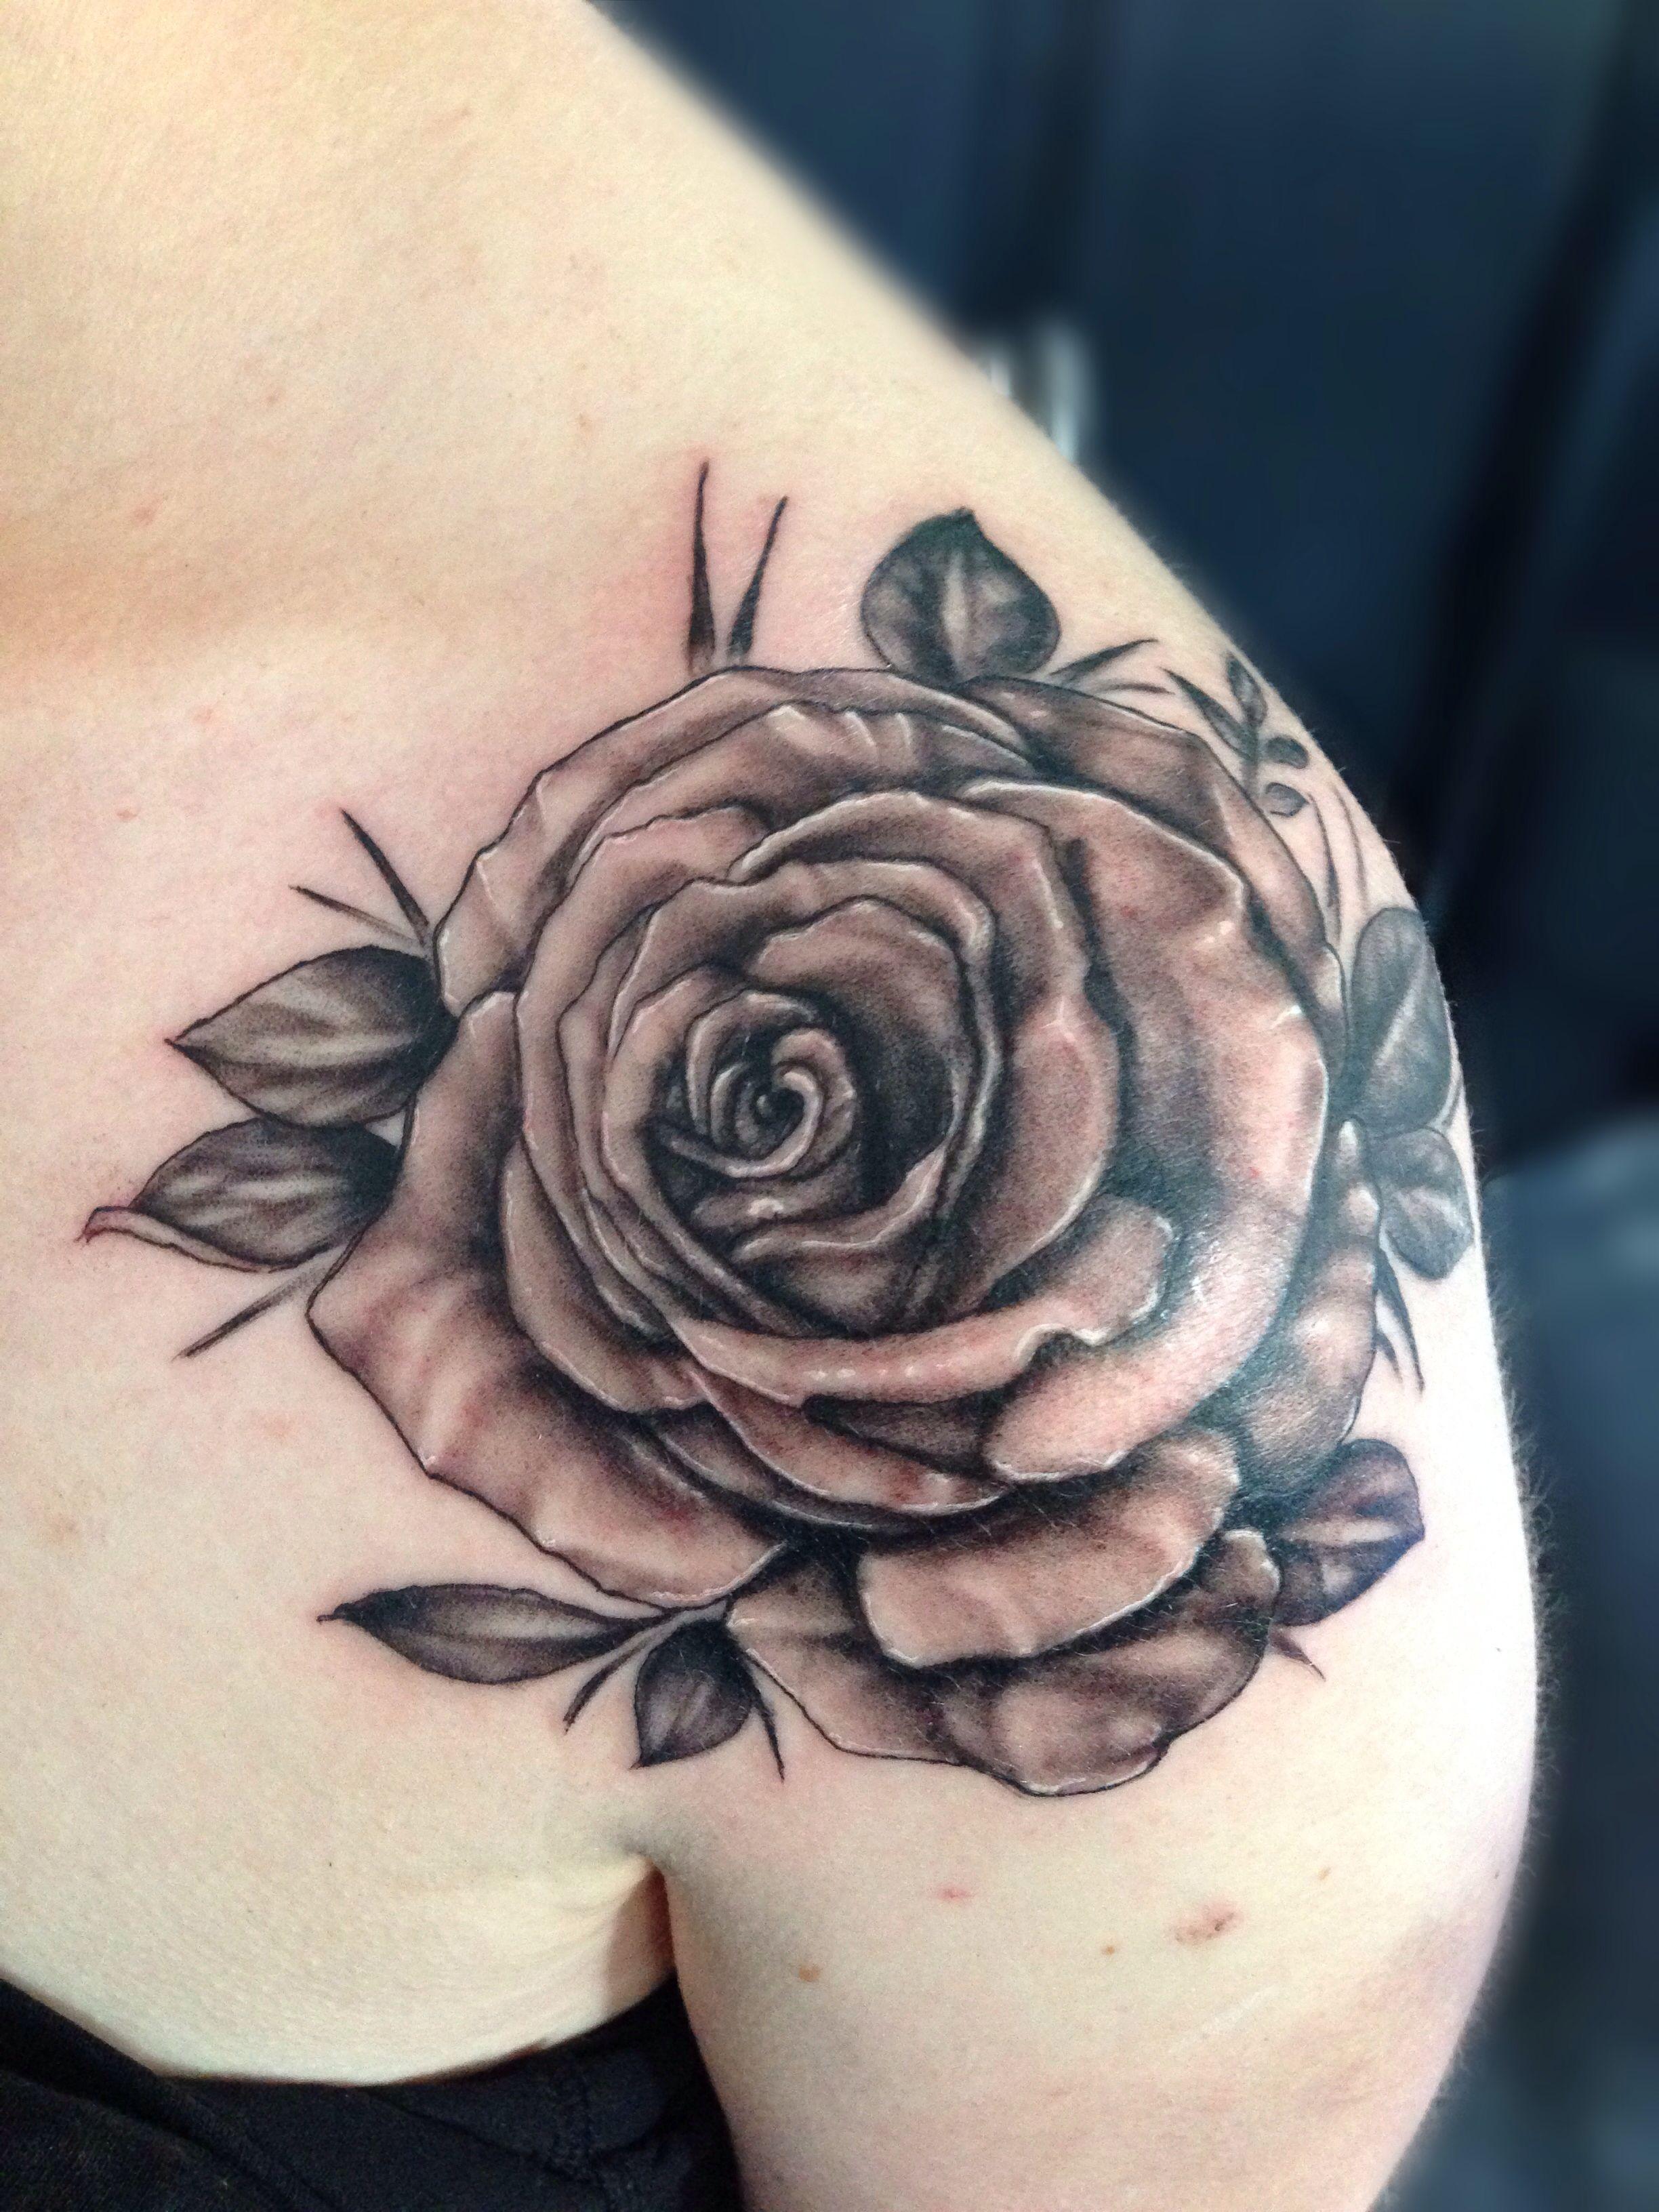 Rose Tattoo Roos Shoulder Schouder Arm Front Neck Roses